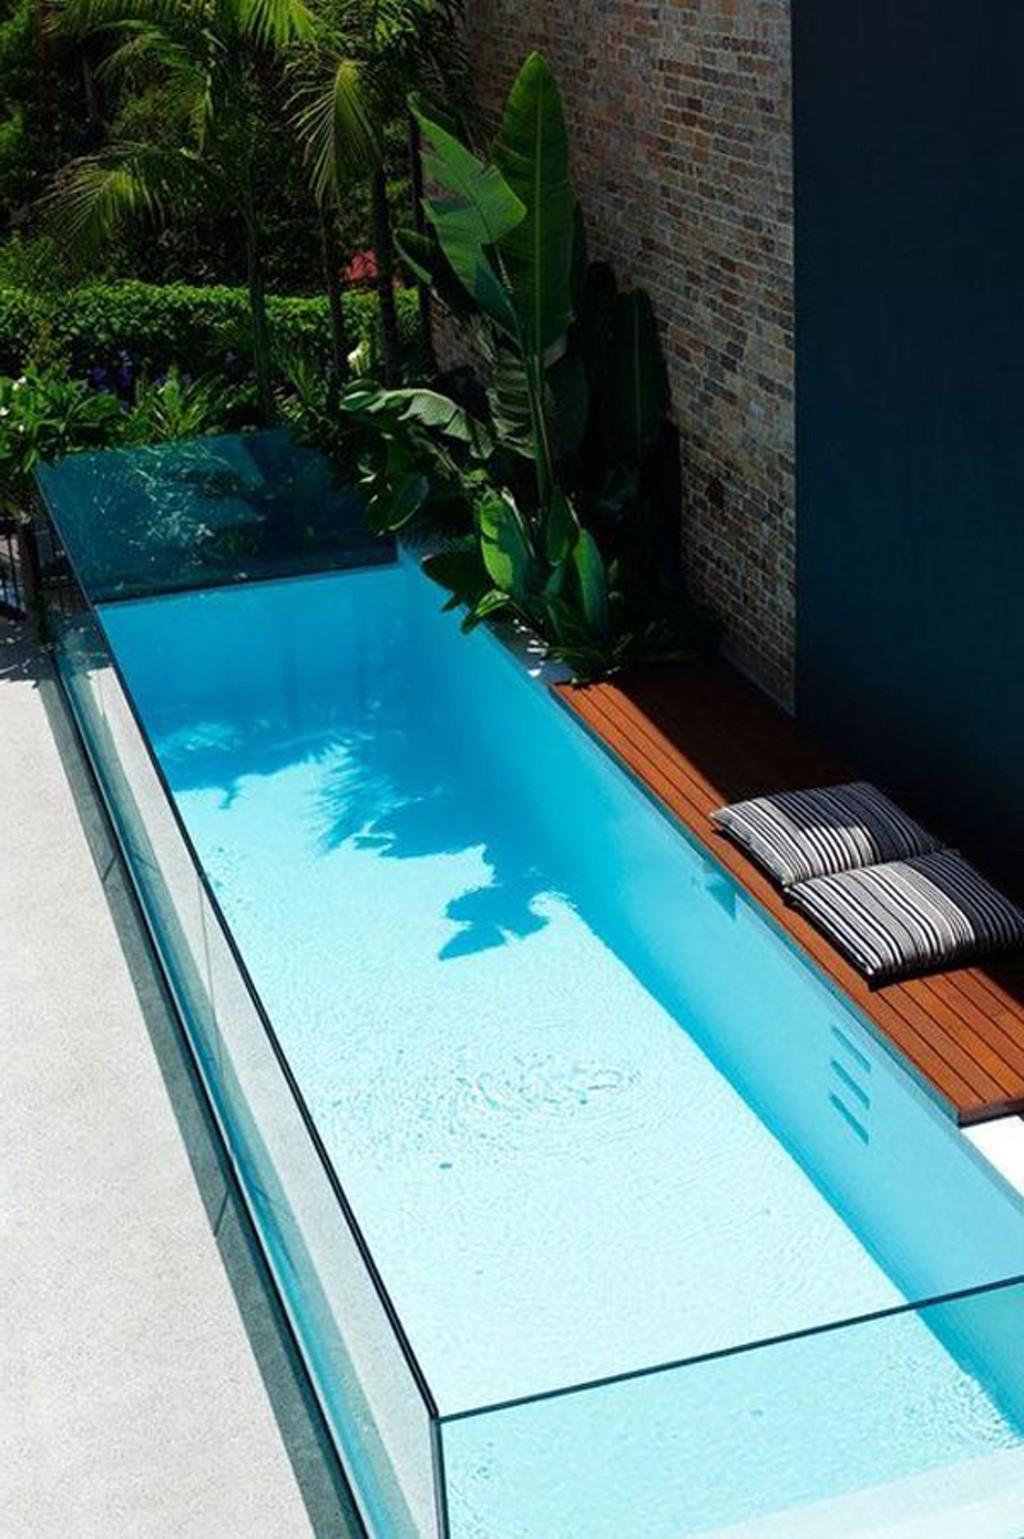 Cependant, cela dépend vraiment de la complexité et de la qualité du projet de piscine semi-enterrée.